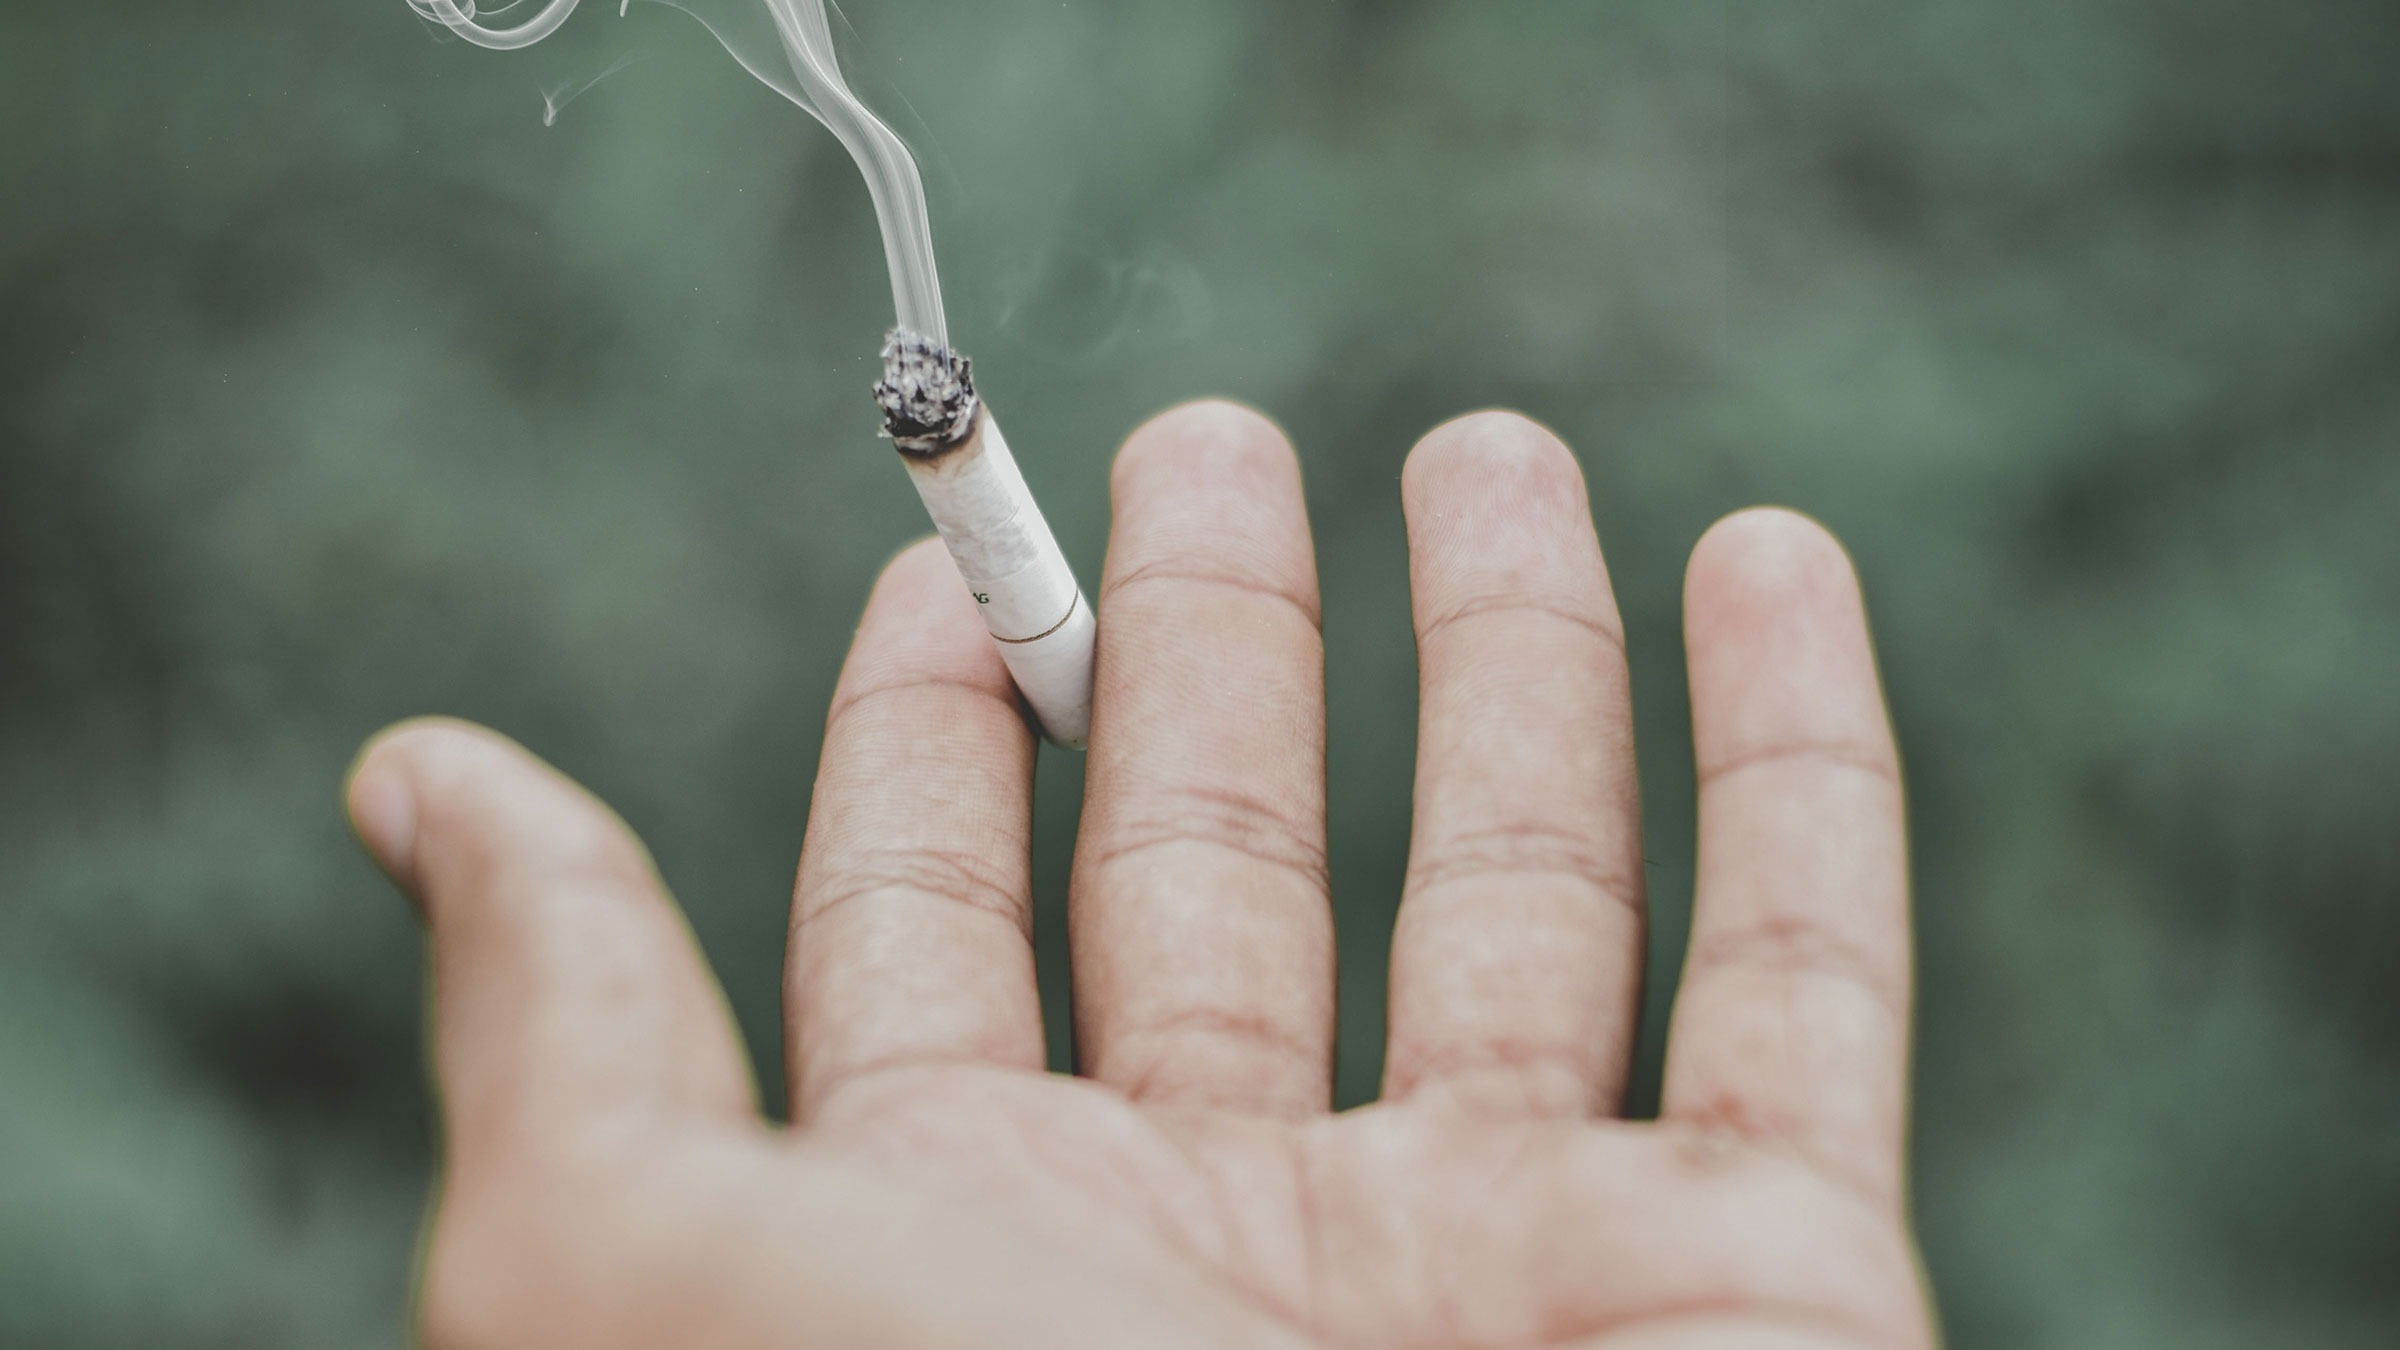 Joe roken